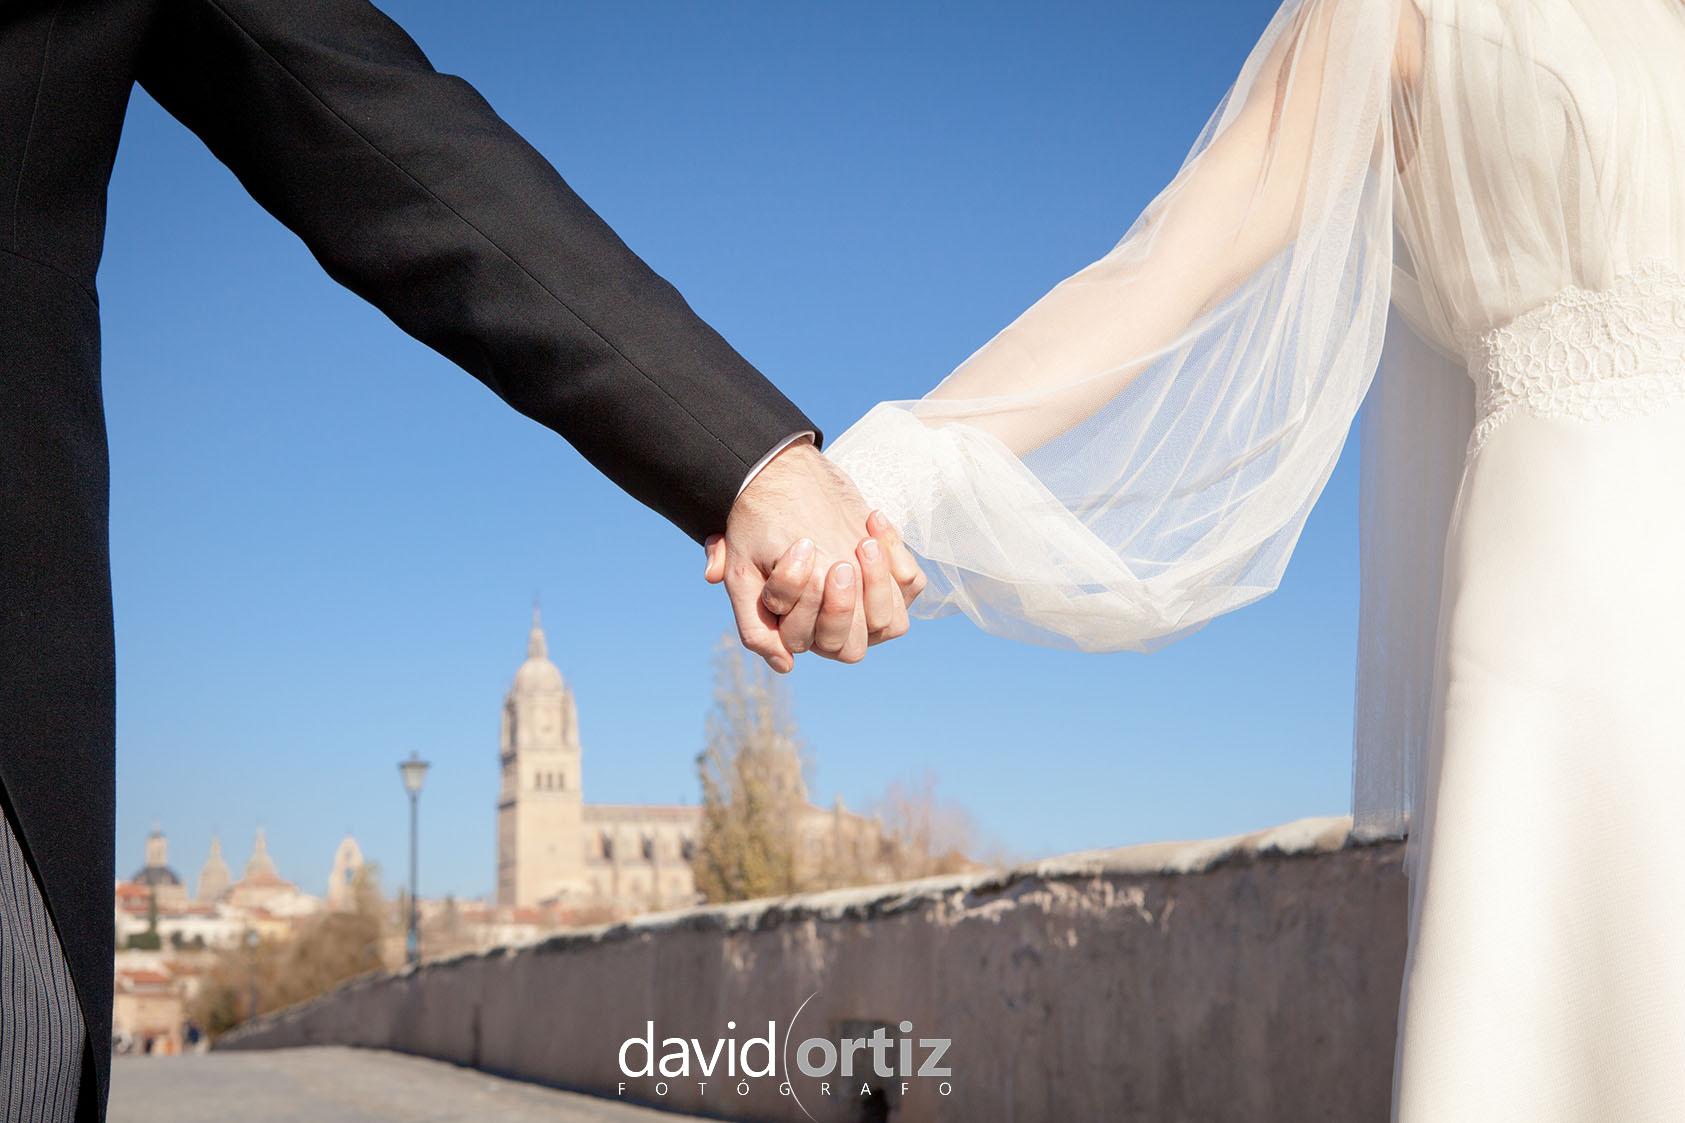 Fotografía y reportaje de la boda de Manuely Elena, realizado por David Ortiz Fotógrafo enSalamanca